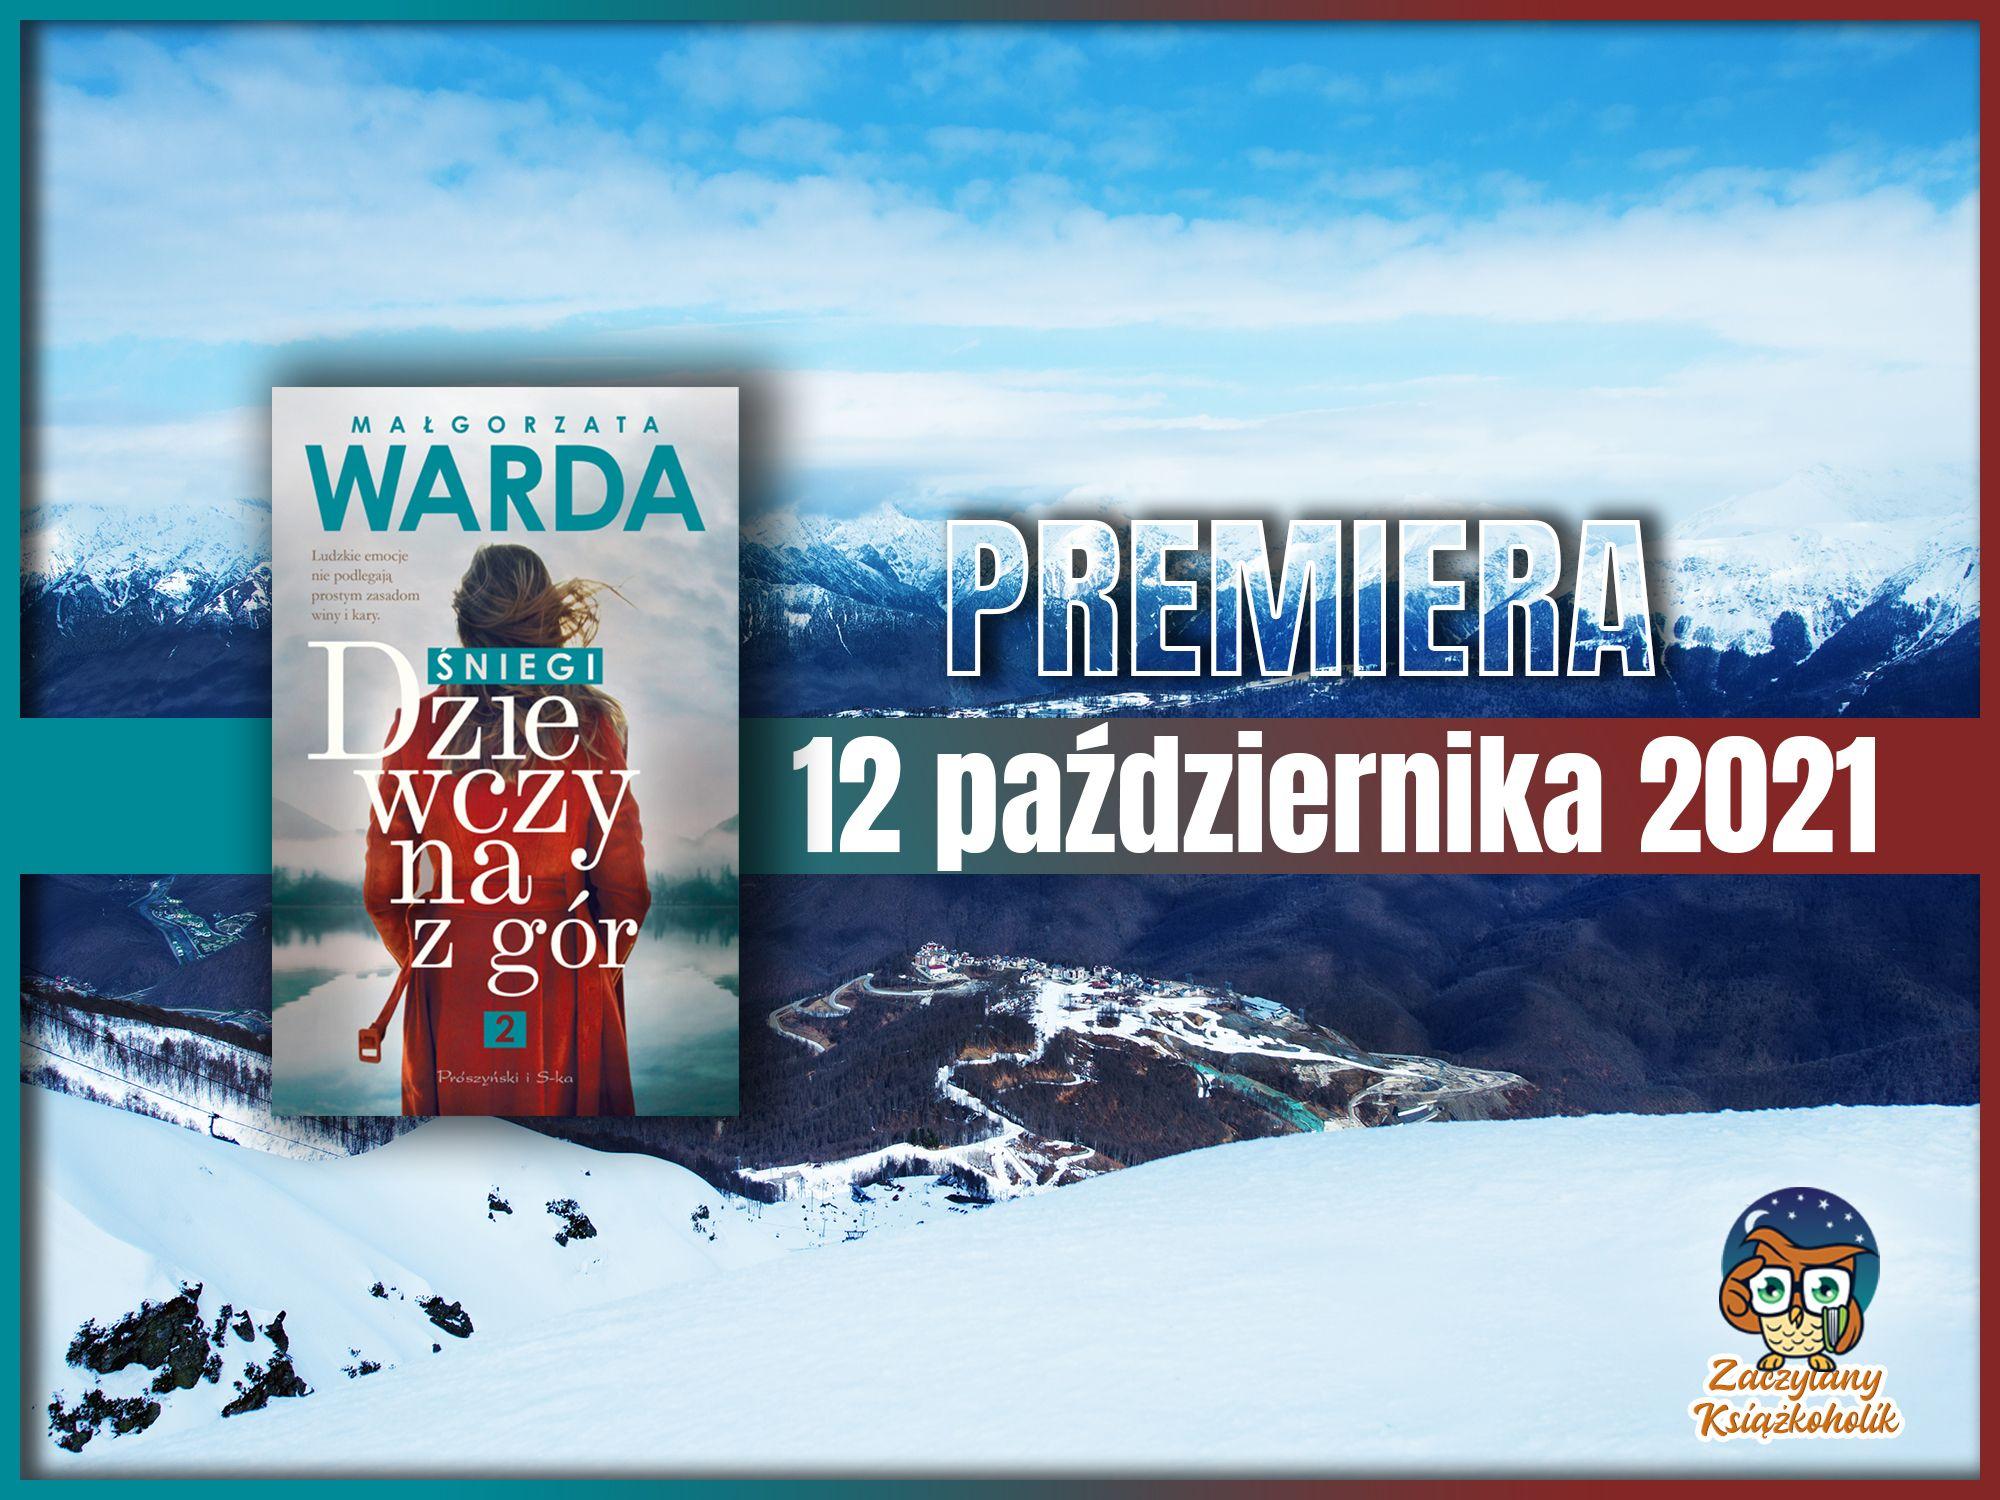 Dziewczyna z gór. Śniegi, Małgorzata Warda, zaczytanyksiazkoholik.pl